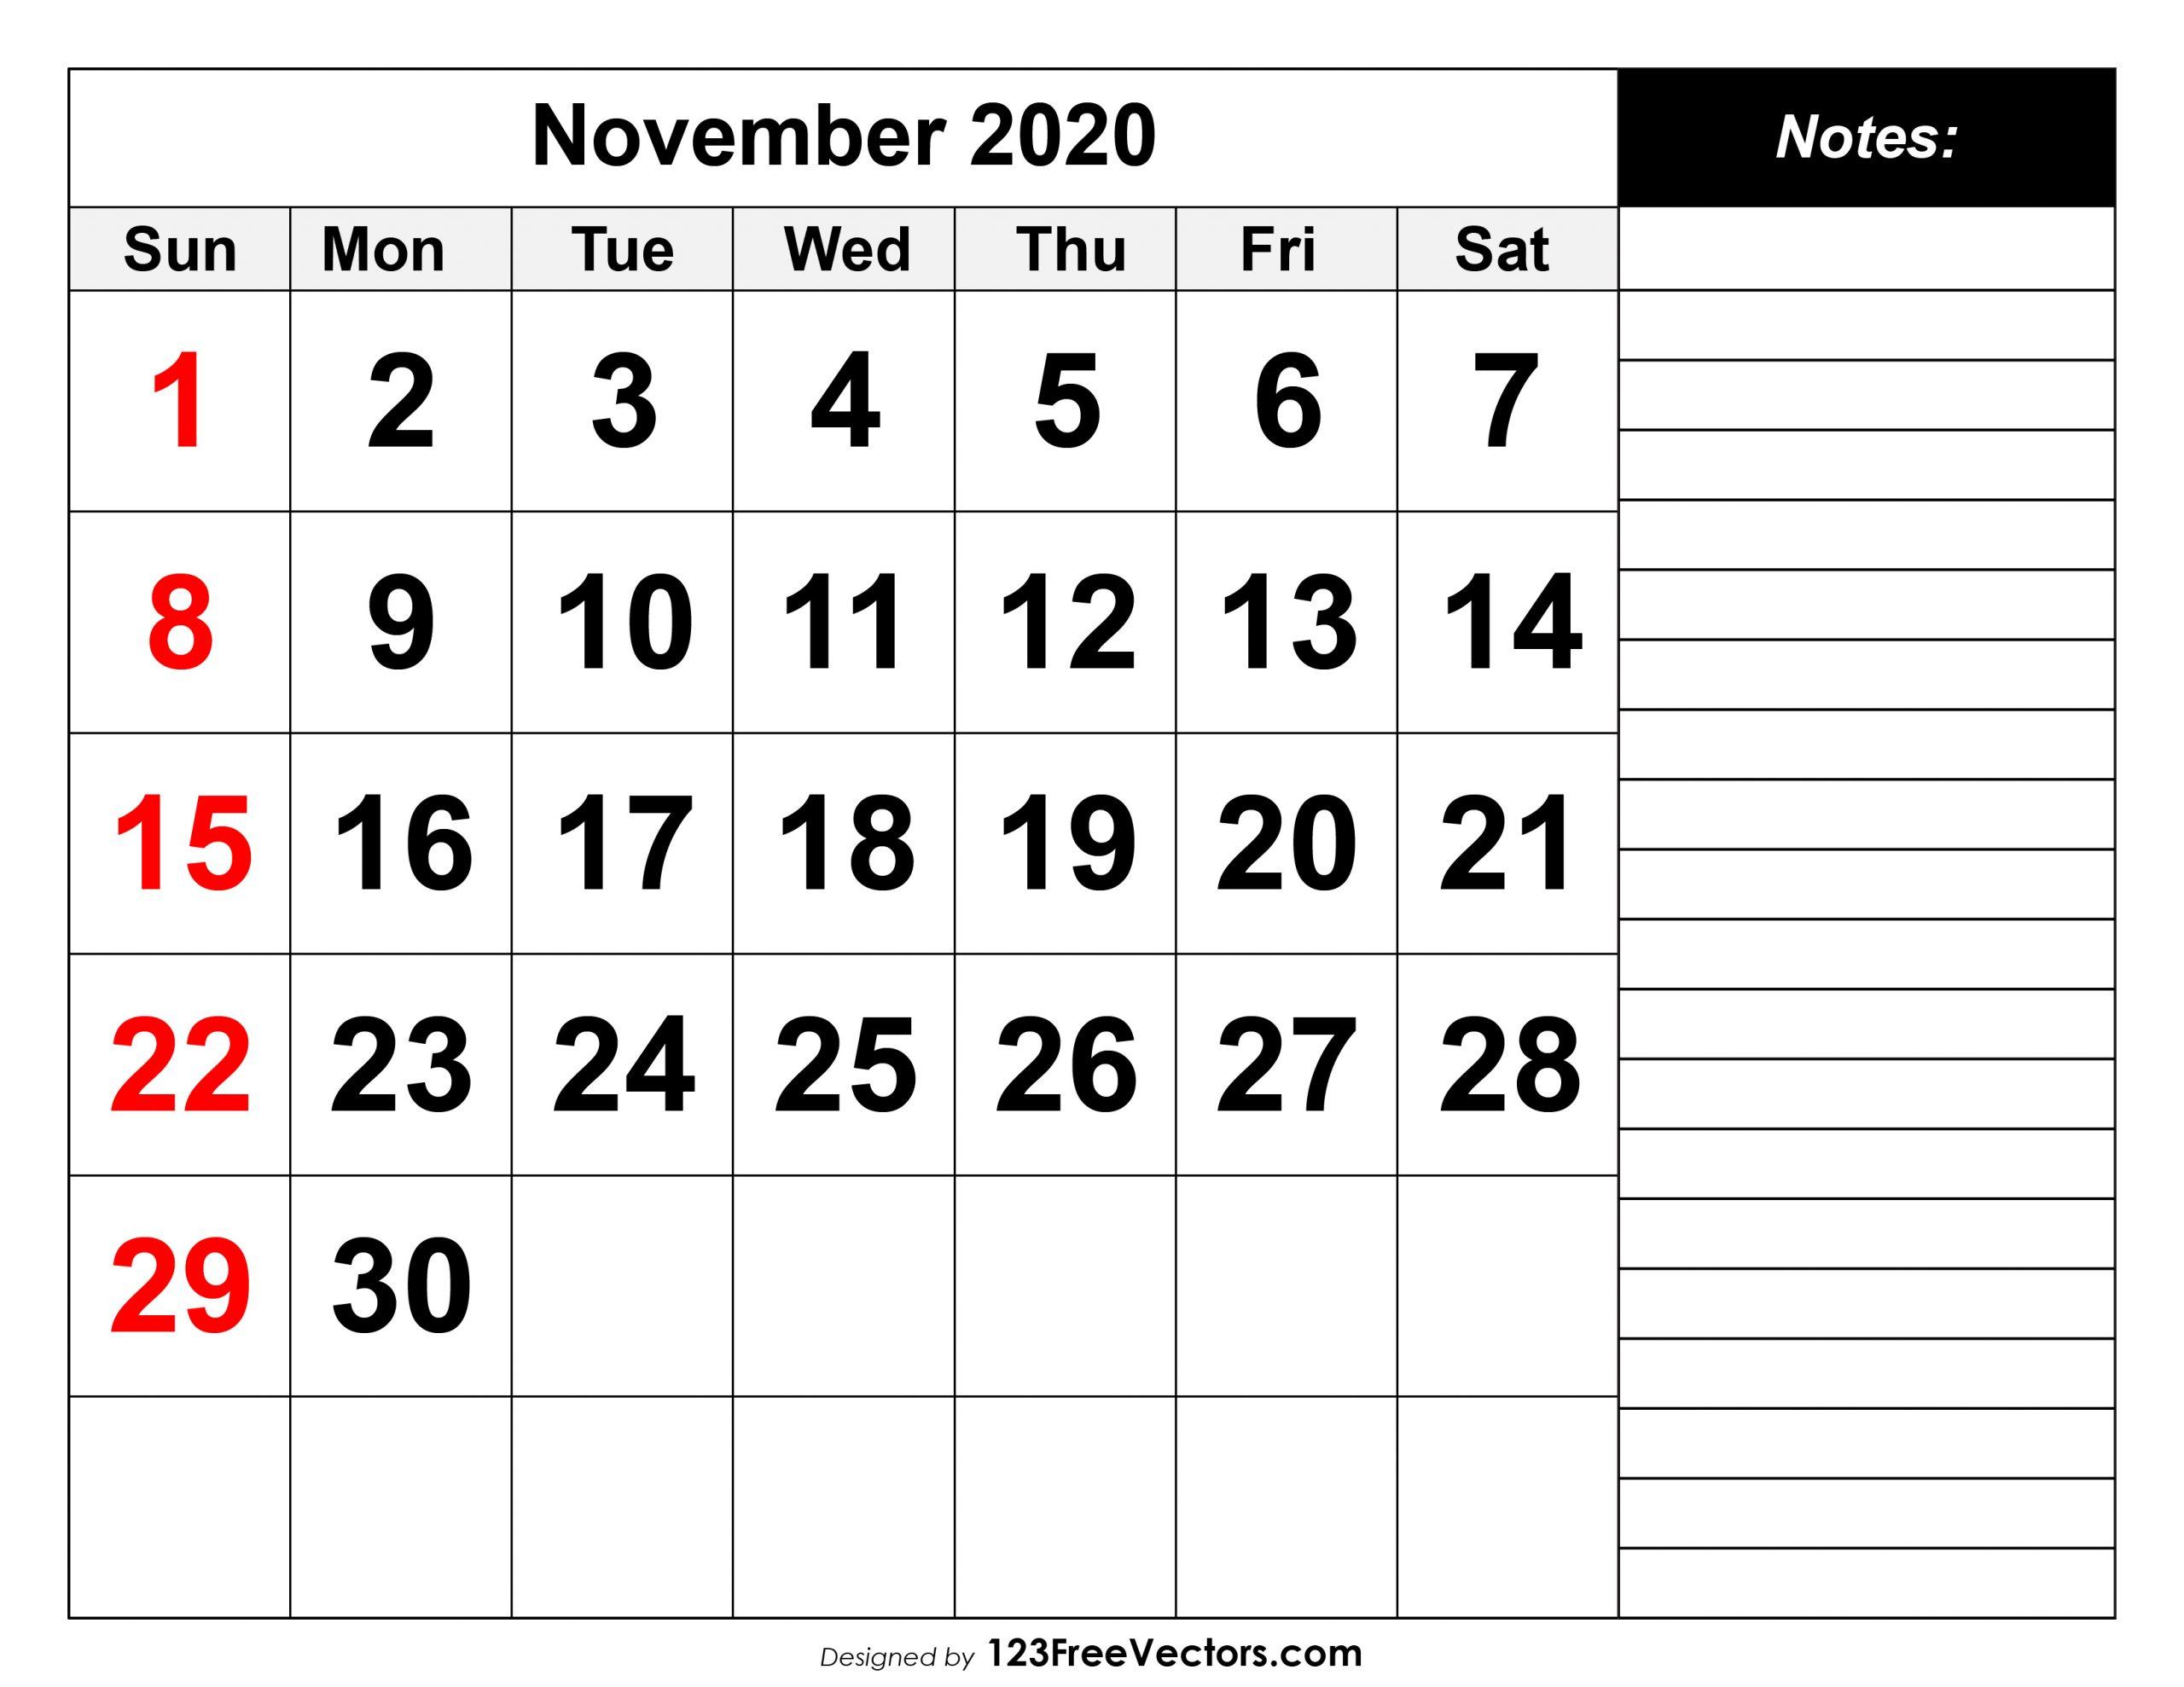 Free November 2020 Printable Calendar Calendar November 2020 Through April 2021